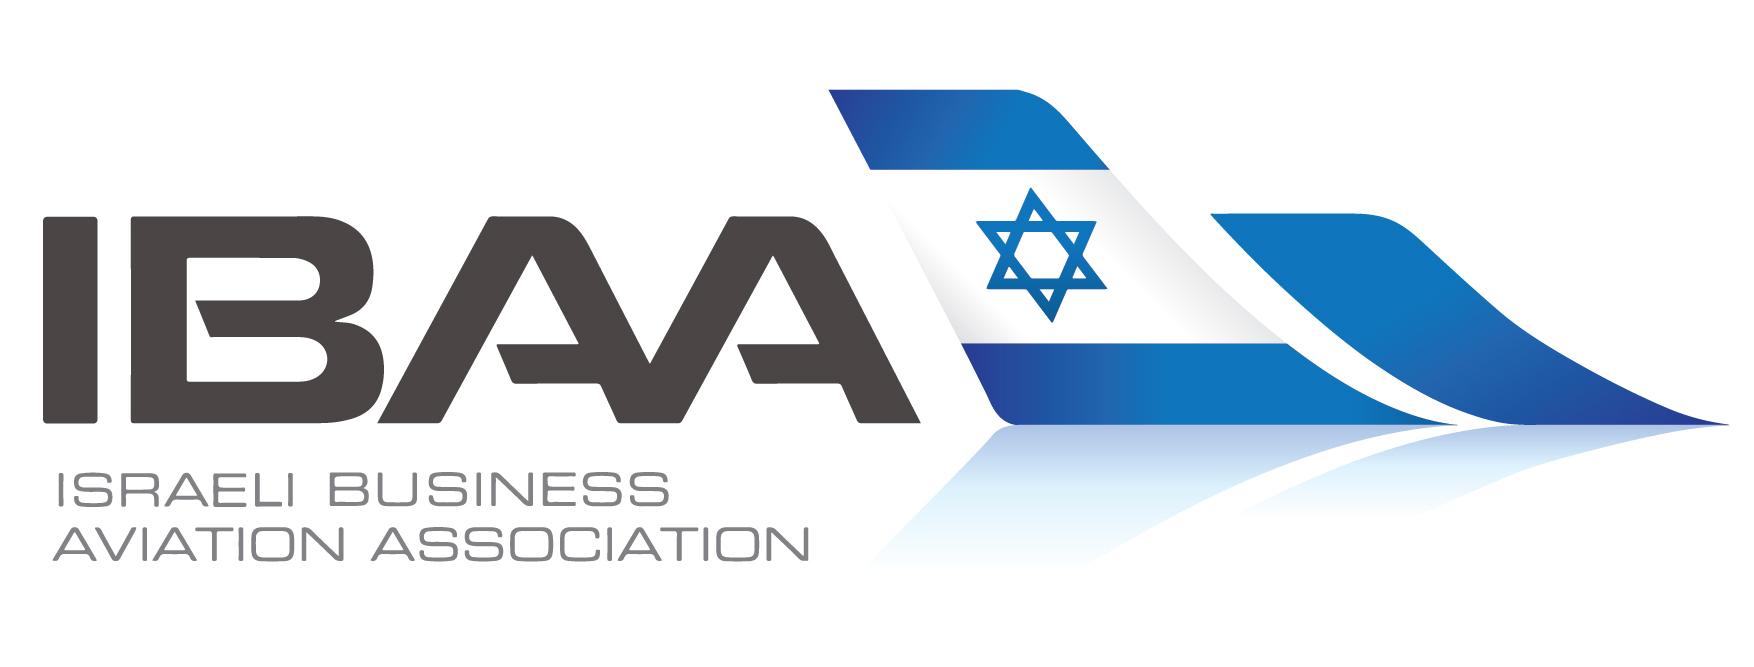 IBAA1-01 logo